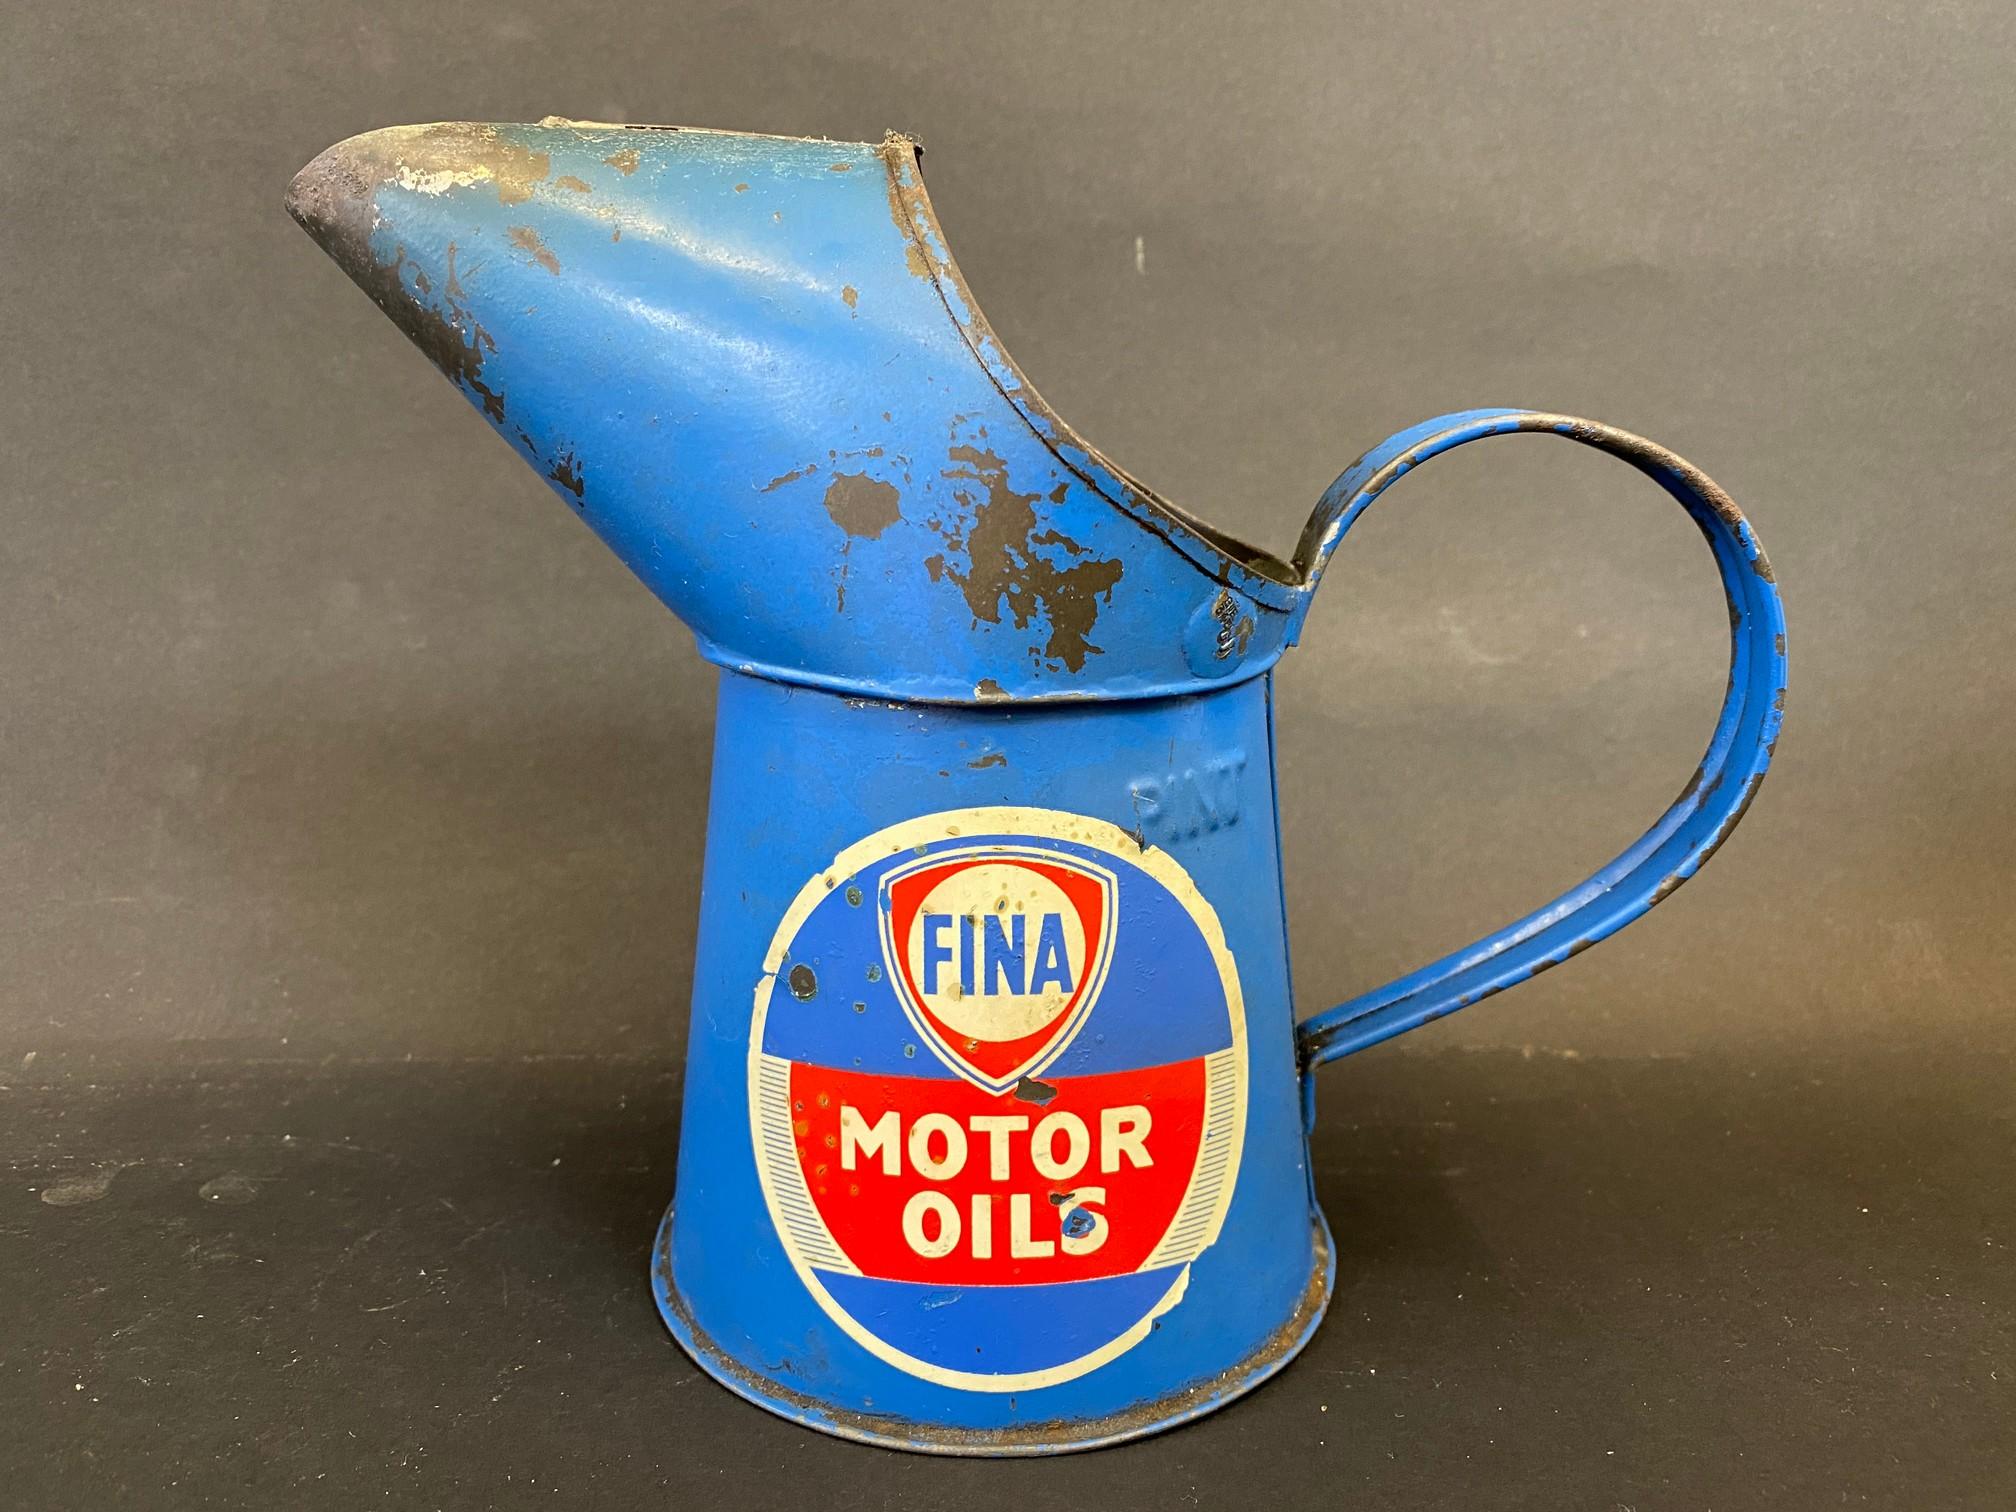 A Fina Motor Oils pint measure.